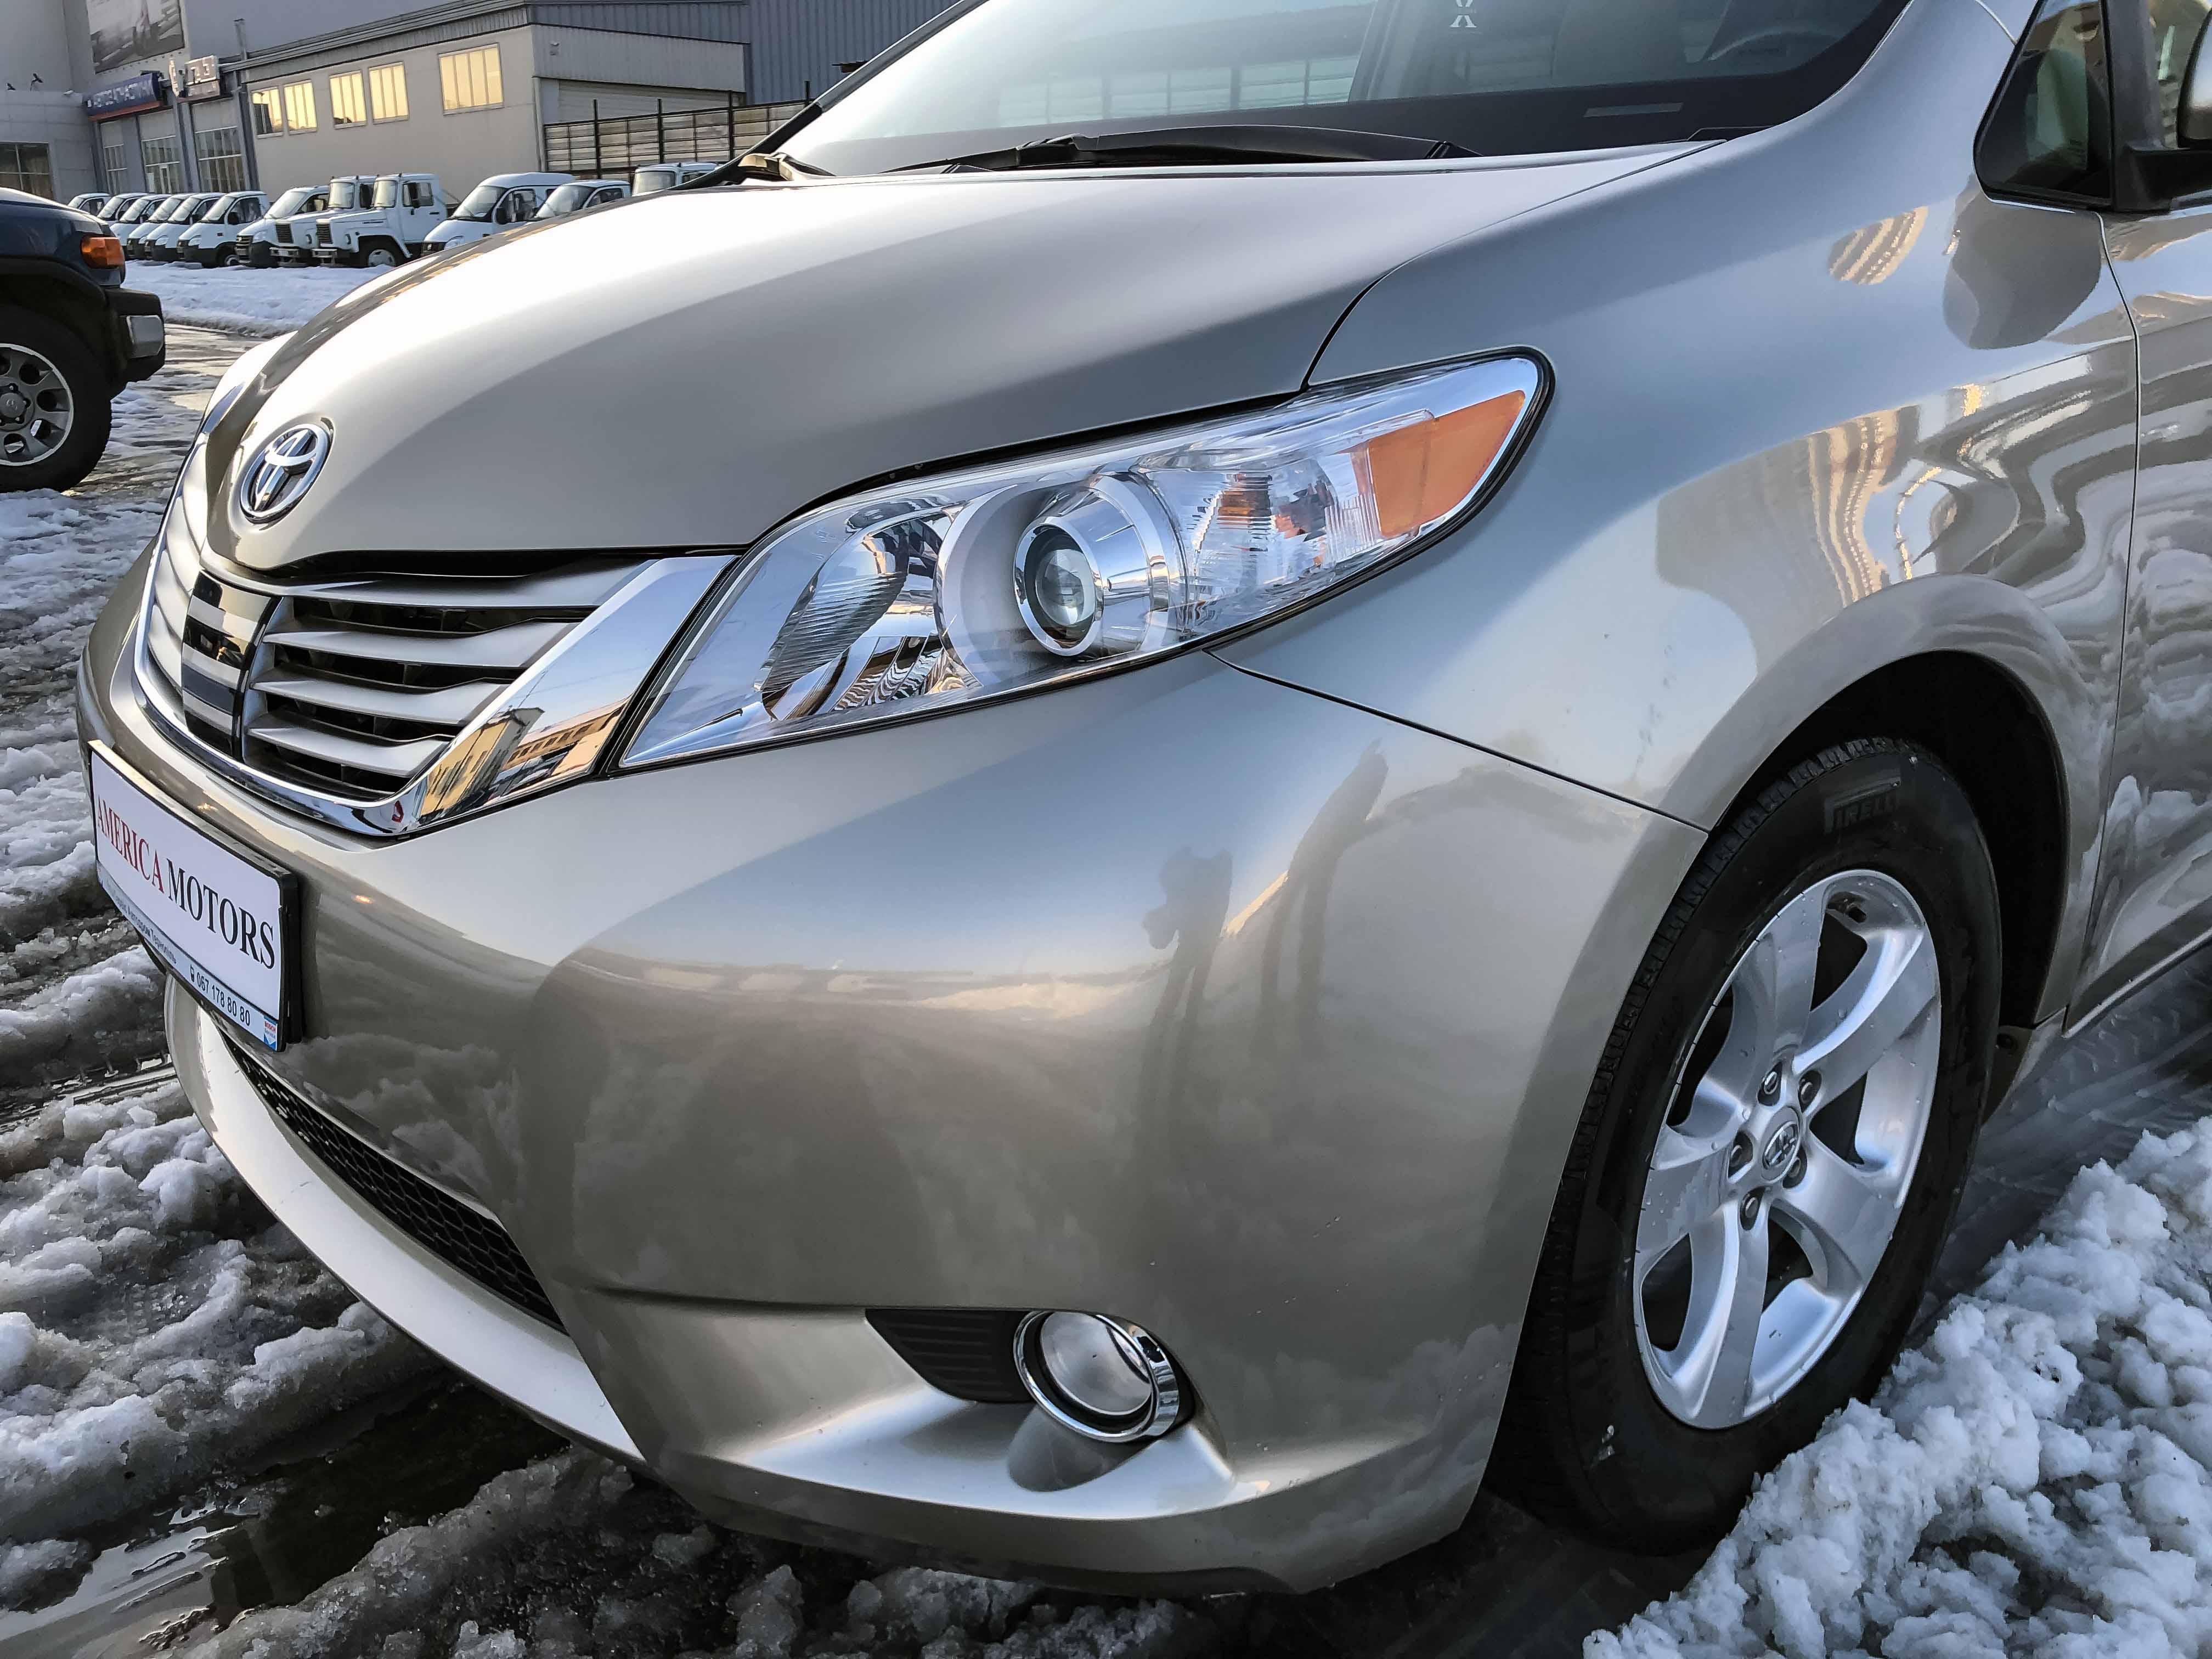 2016 Toyota SIENNA | Vin: 5TDKK3DC5GS726467